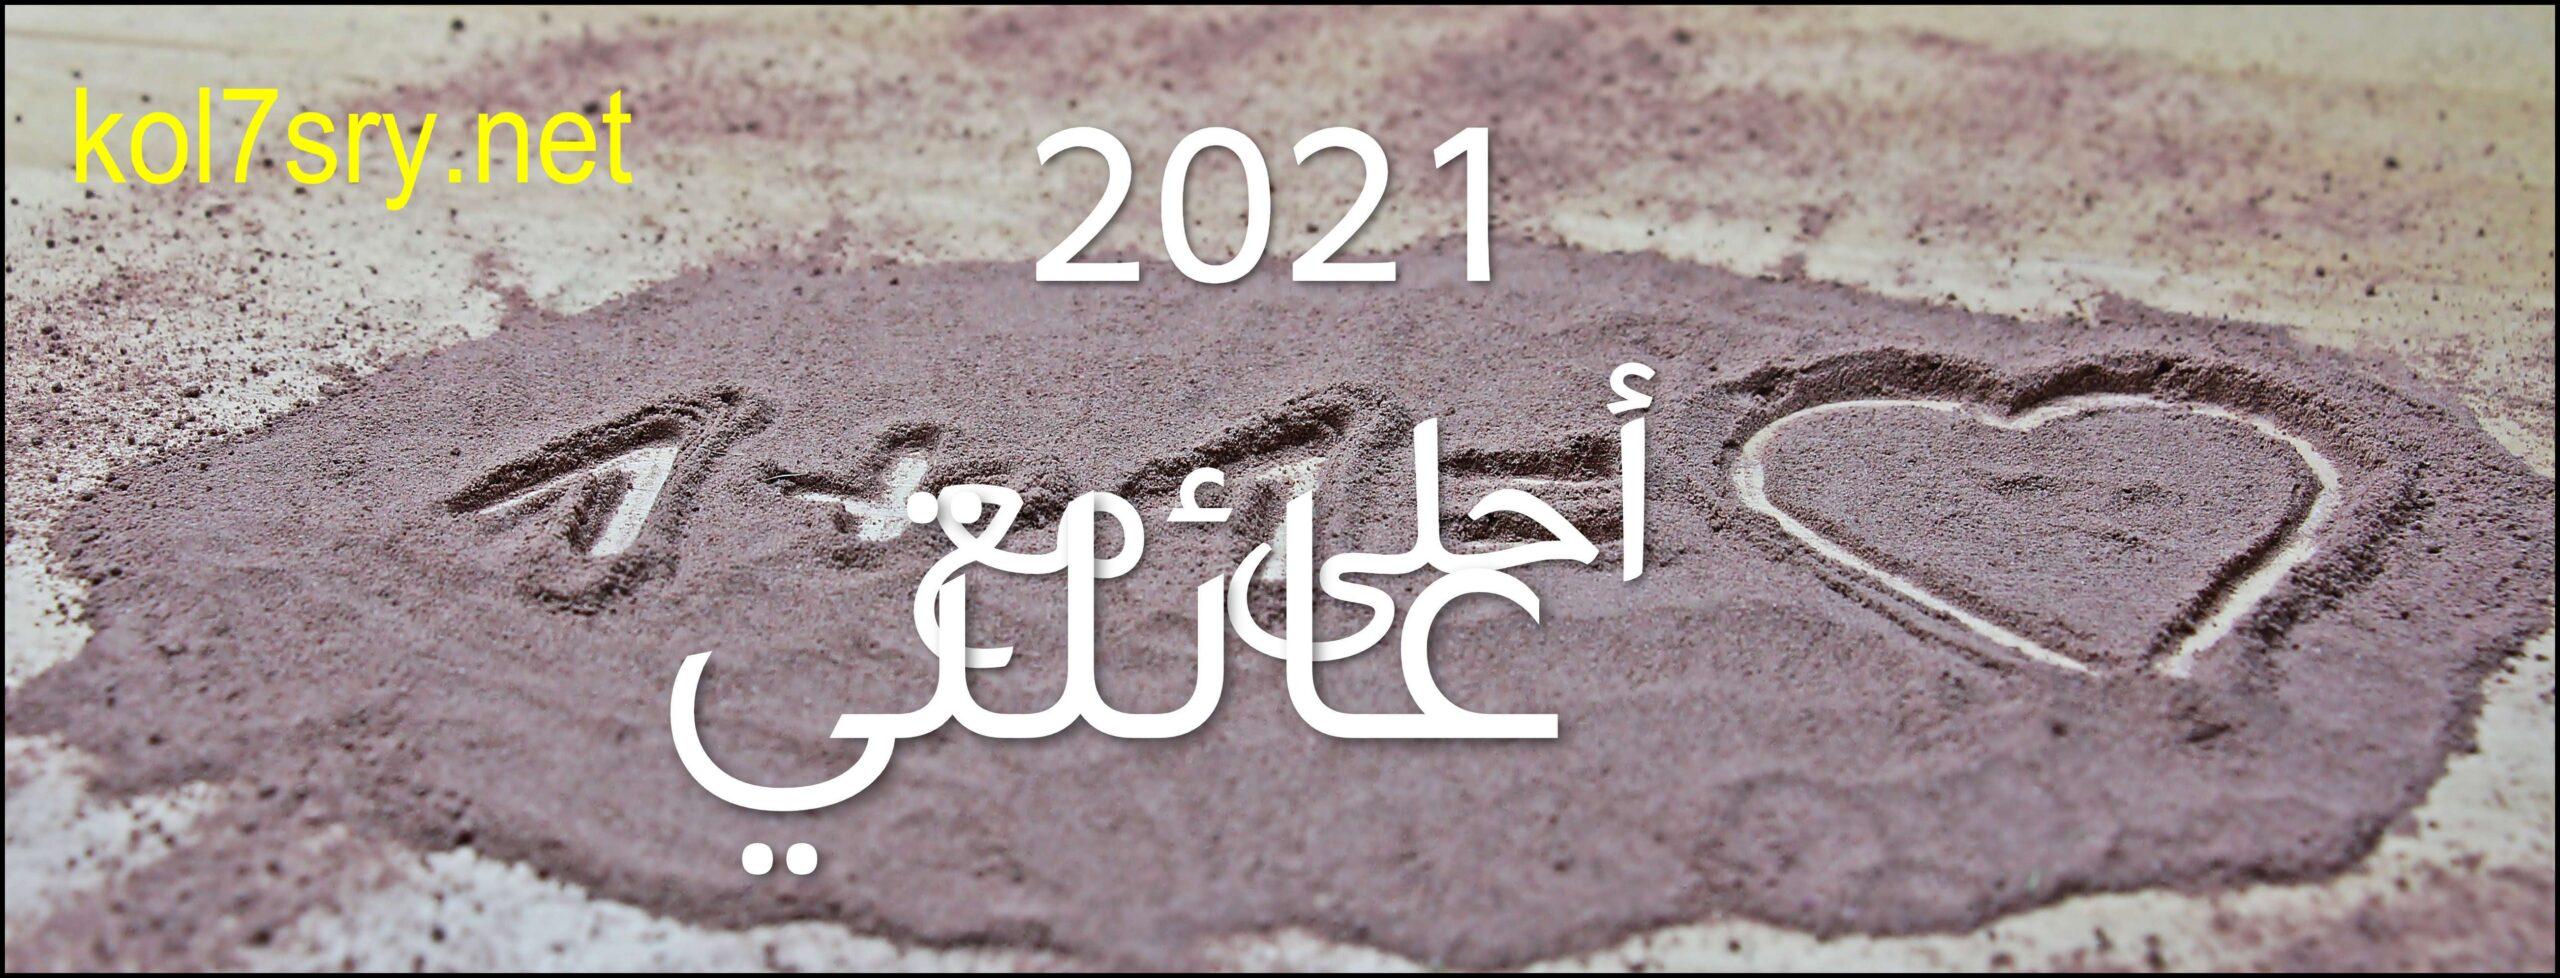 2021 أحلى مع اسمك أجمل 40 صورة HD لعام 2021 احلى مع مجانا اطلب التصميم بالتعليقات 22